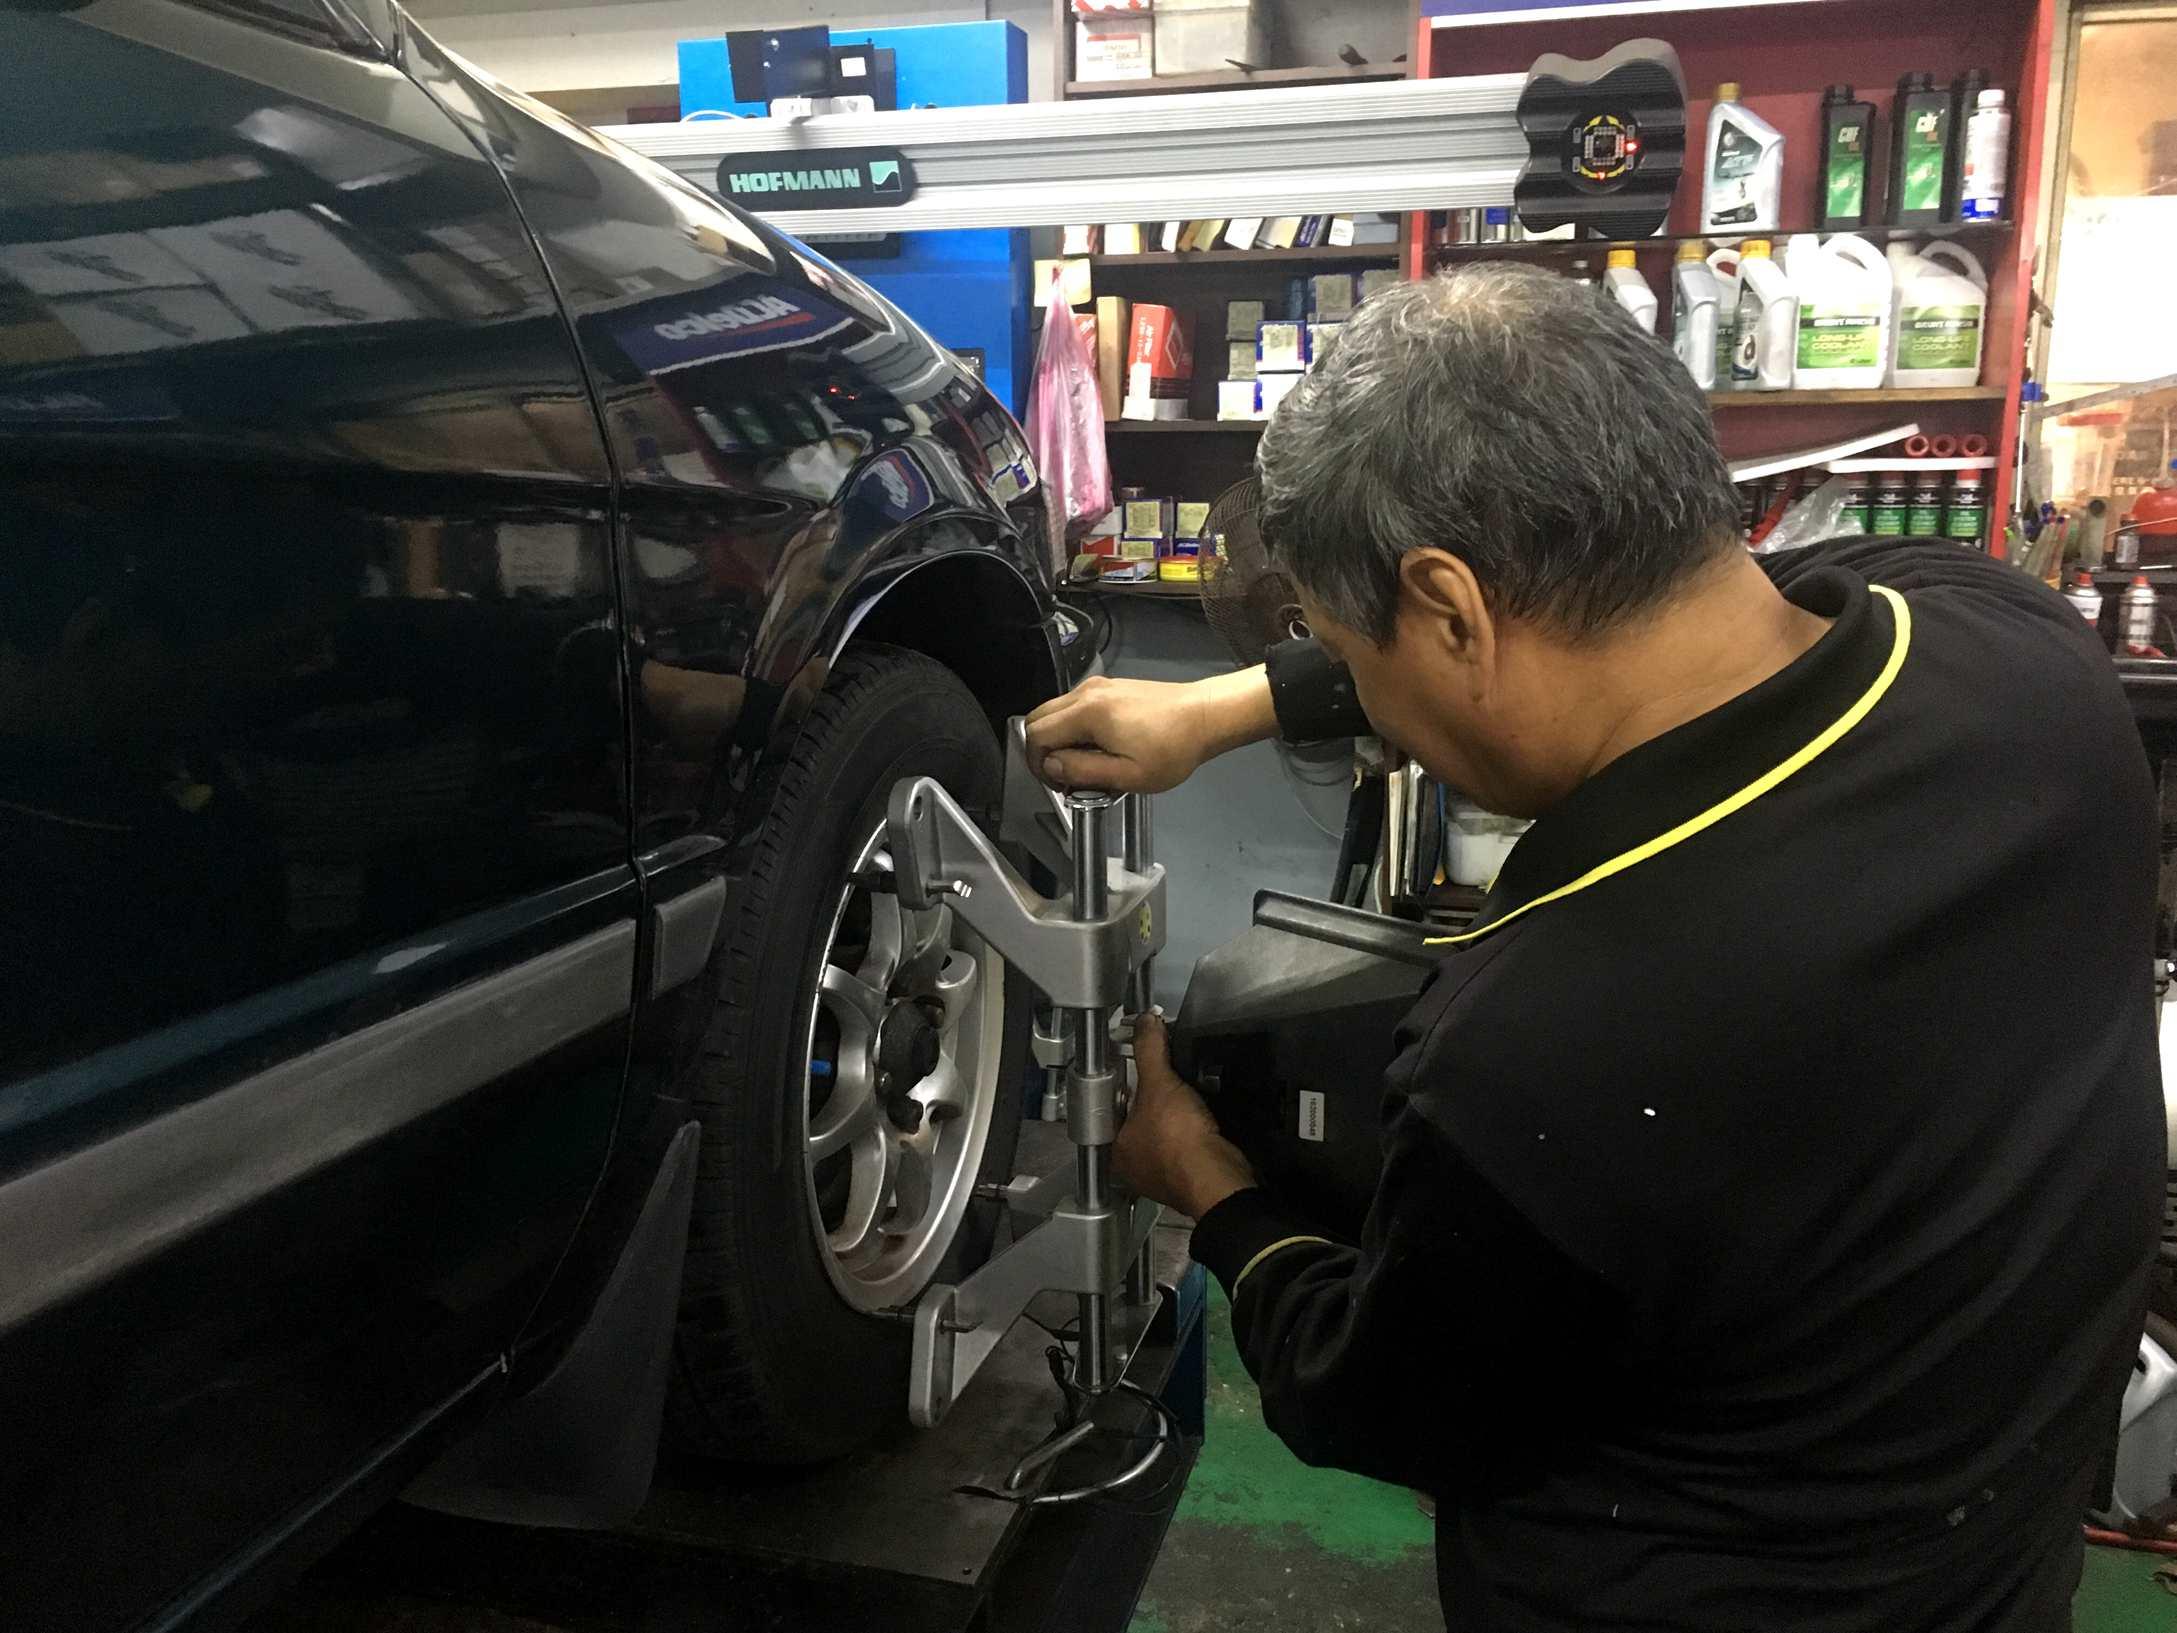 基隆市仁愛區推薦維修保養修車輪胎汽車廠捷凱汽車輪胎